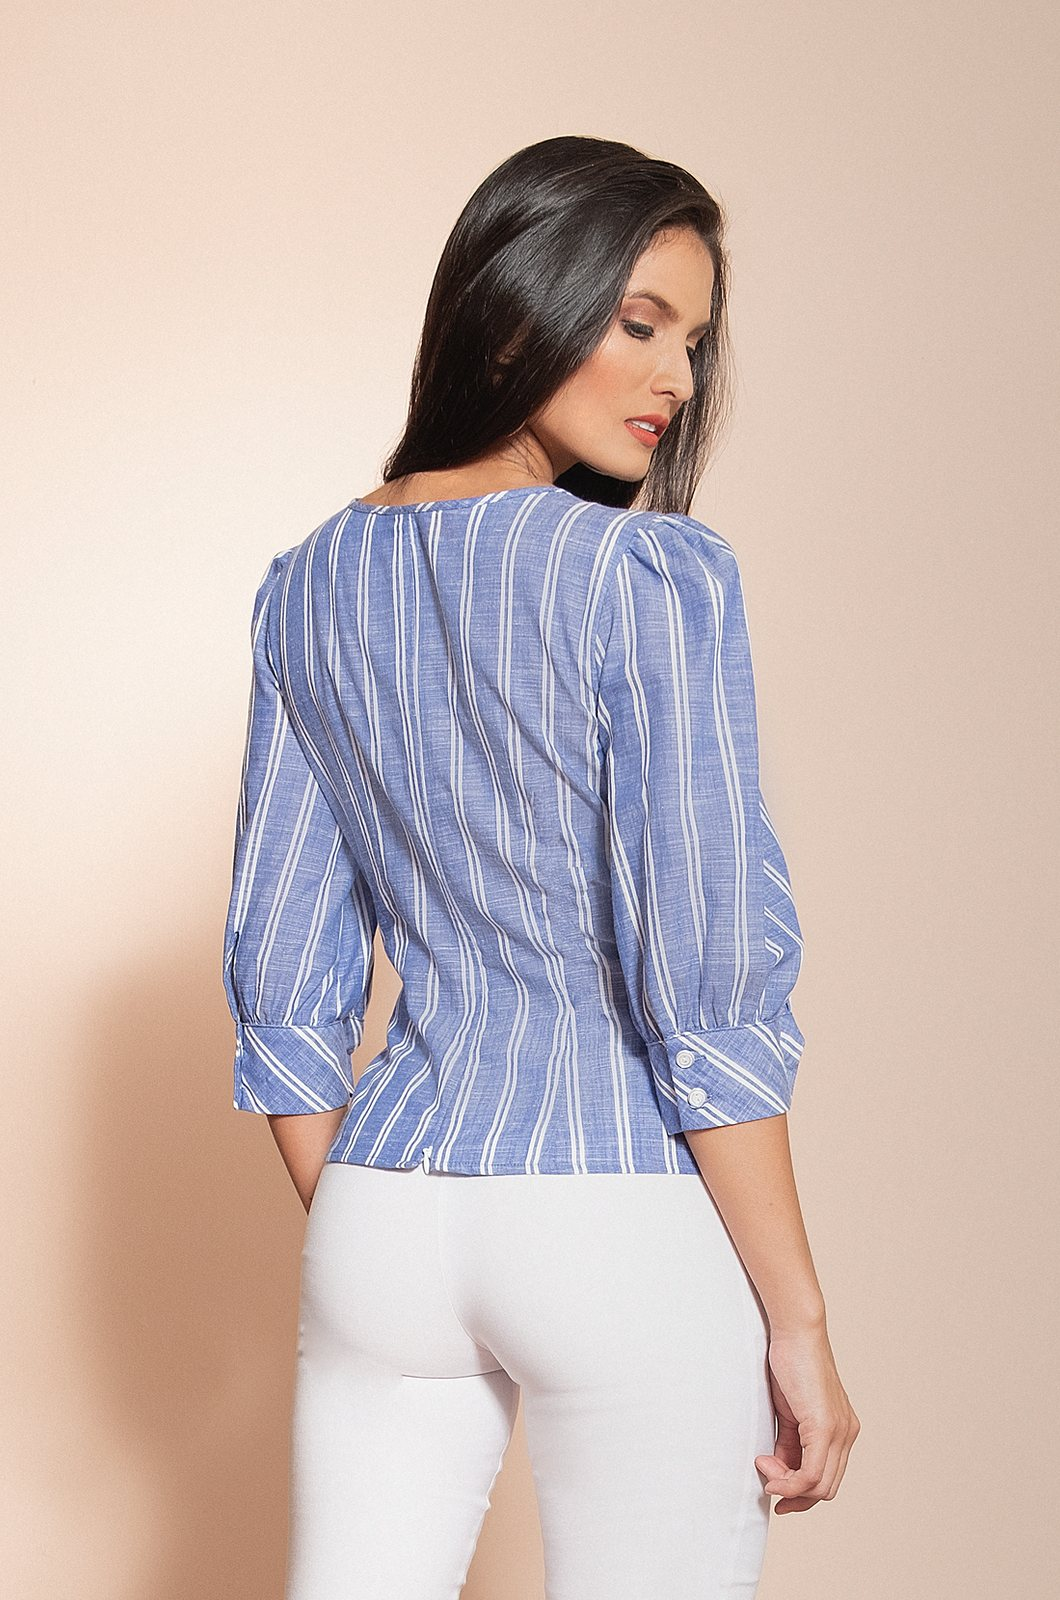 Blusa-de-rayas-en-algodón-Chazari-4996-20